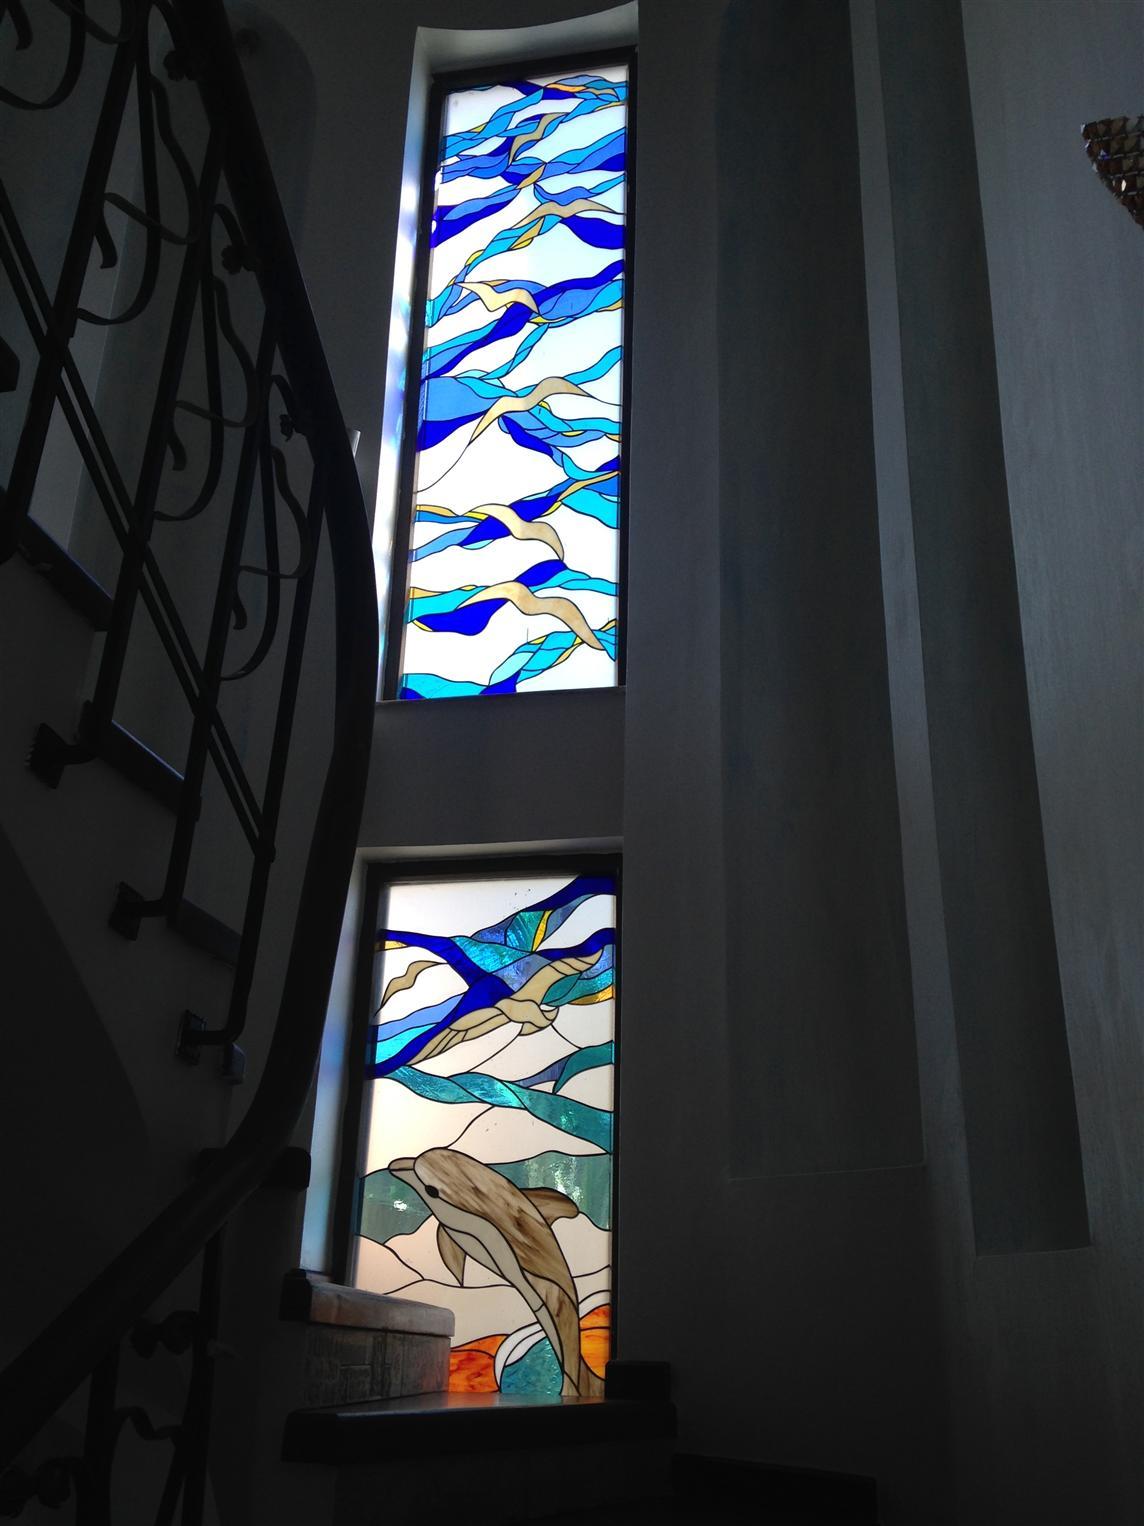 izka-insaat-life-port-evleri201592295842630.jpg izmir vitray çalışması